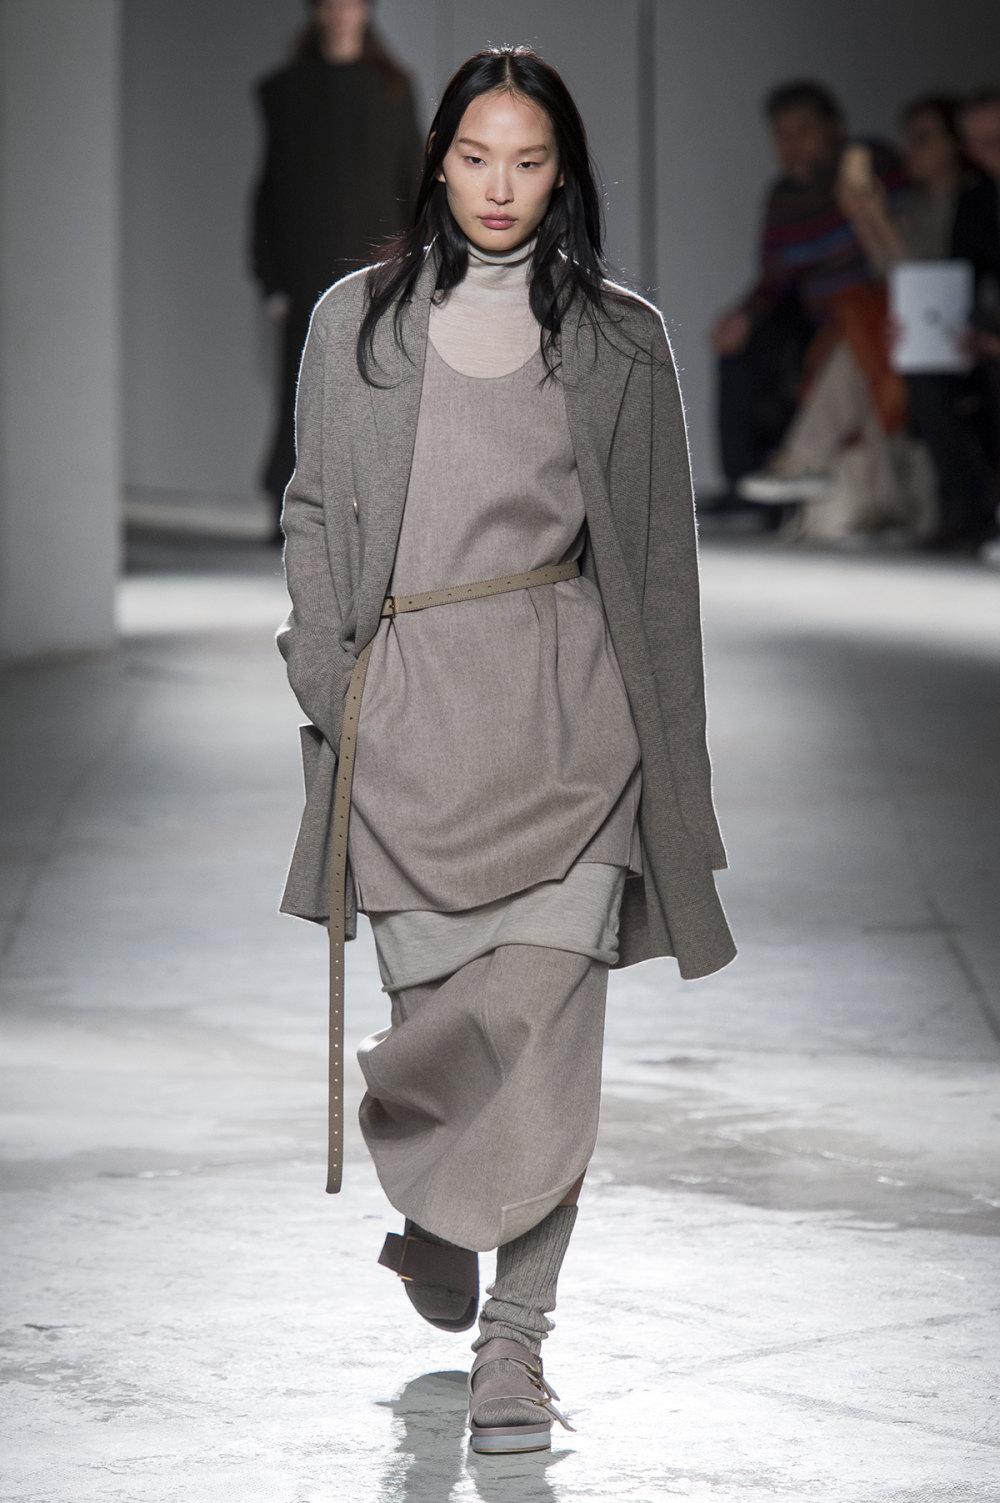 Agnona时装系列有纹理外套长而瘦有些穿着浴袍宽腿裤套装有巧克力-11.jpg